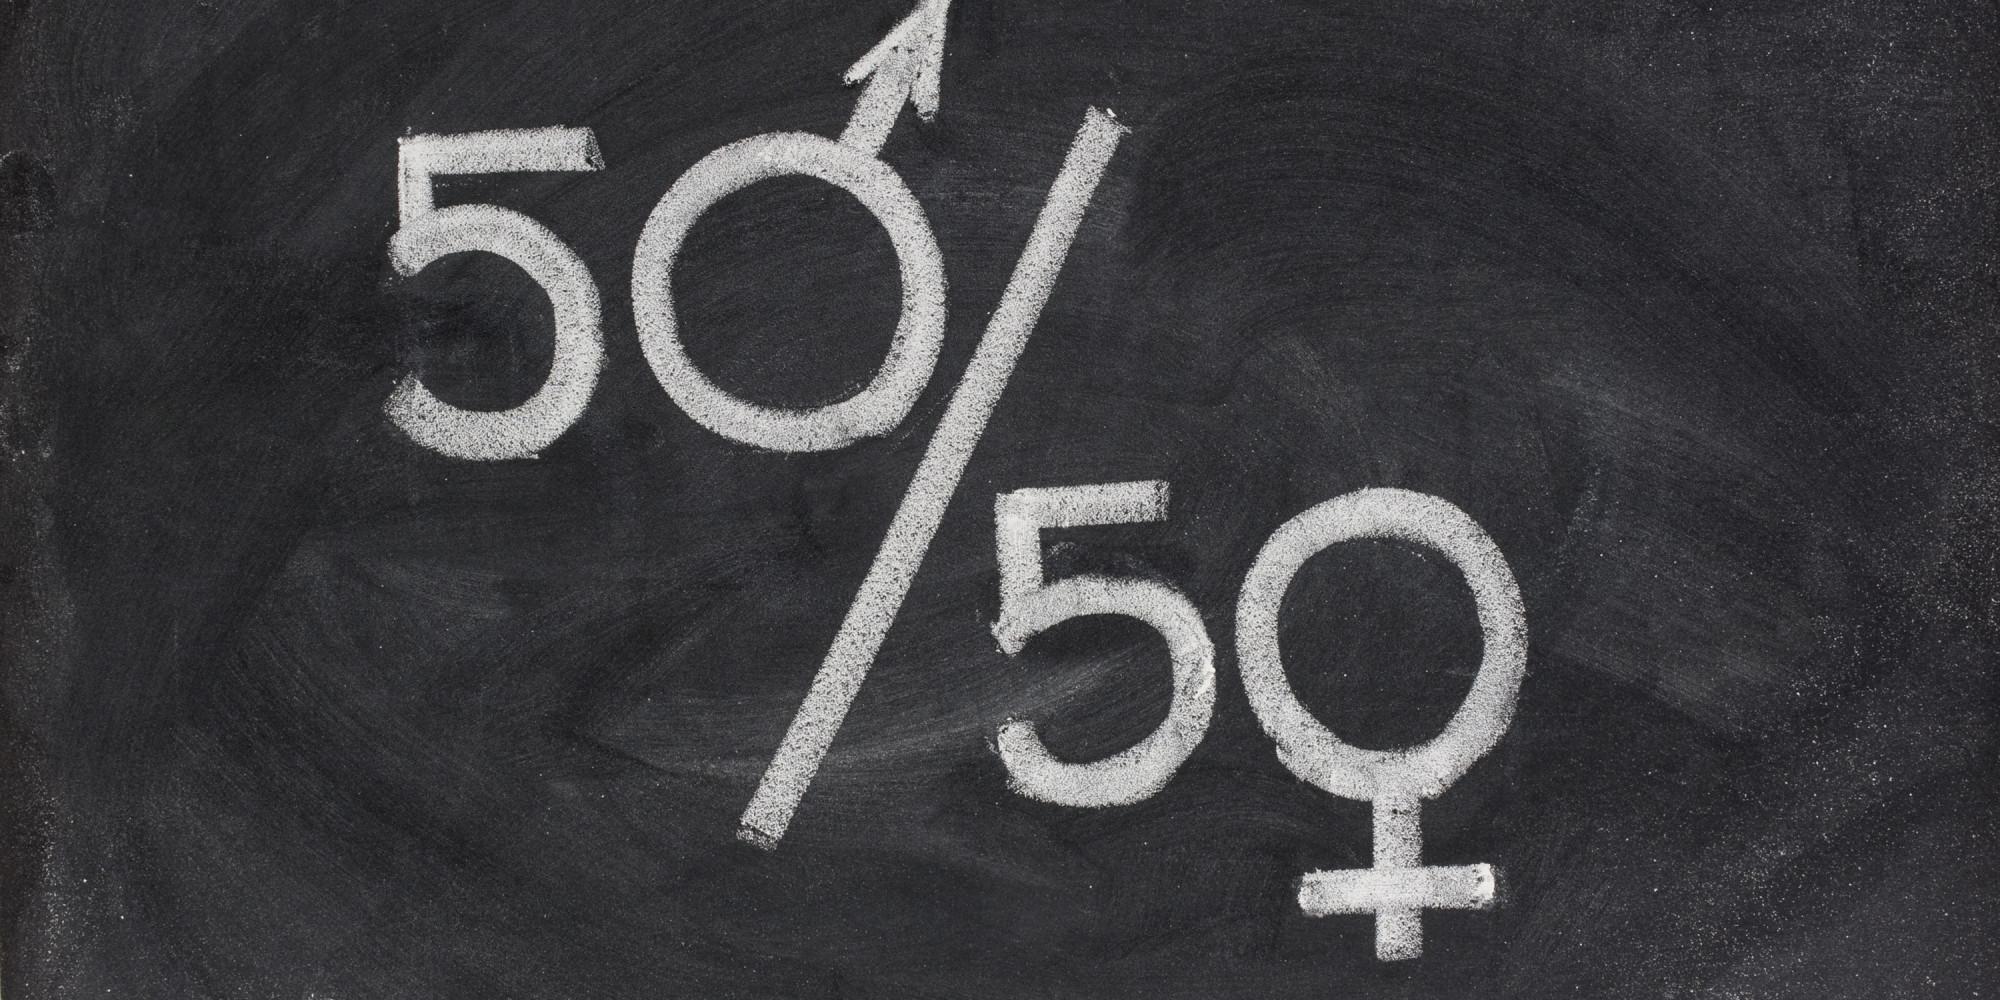 Aileler, Doğurganlık ve Feminizm: Kadın Haklarının Mihenk Taşları